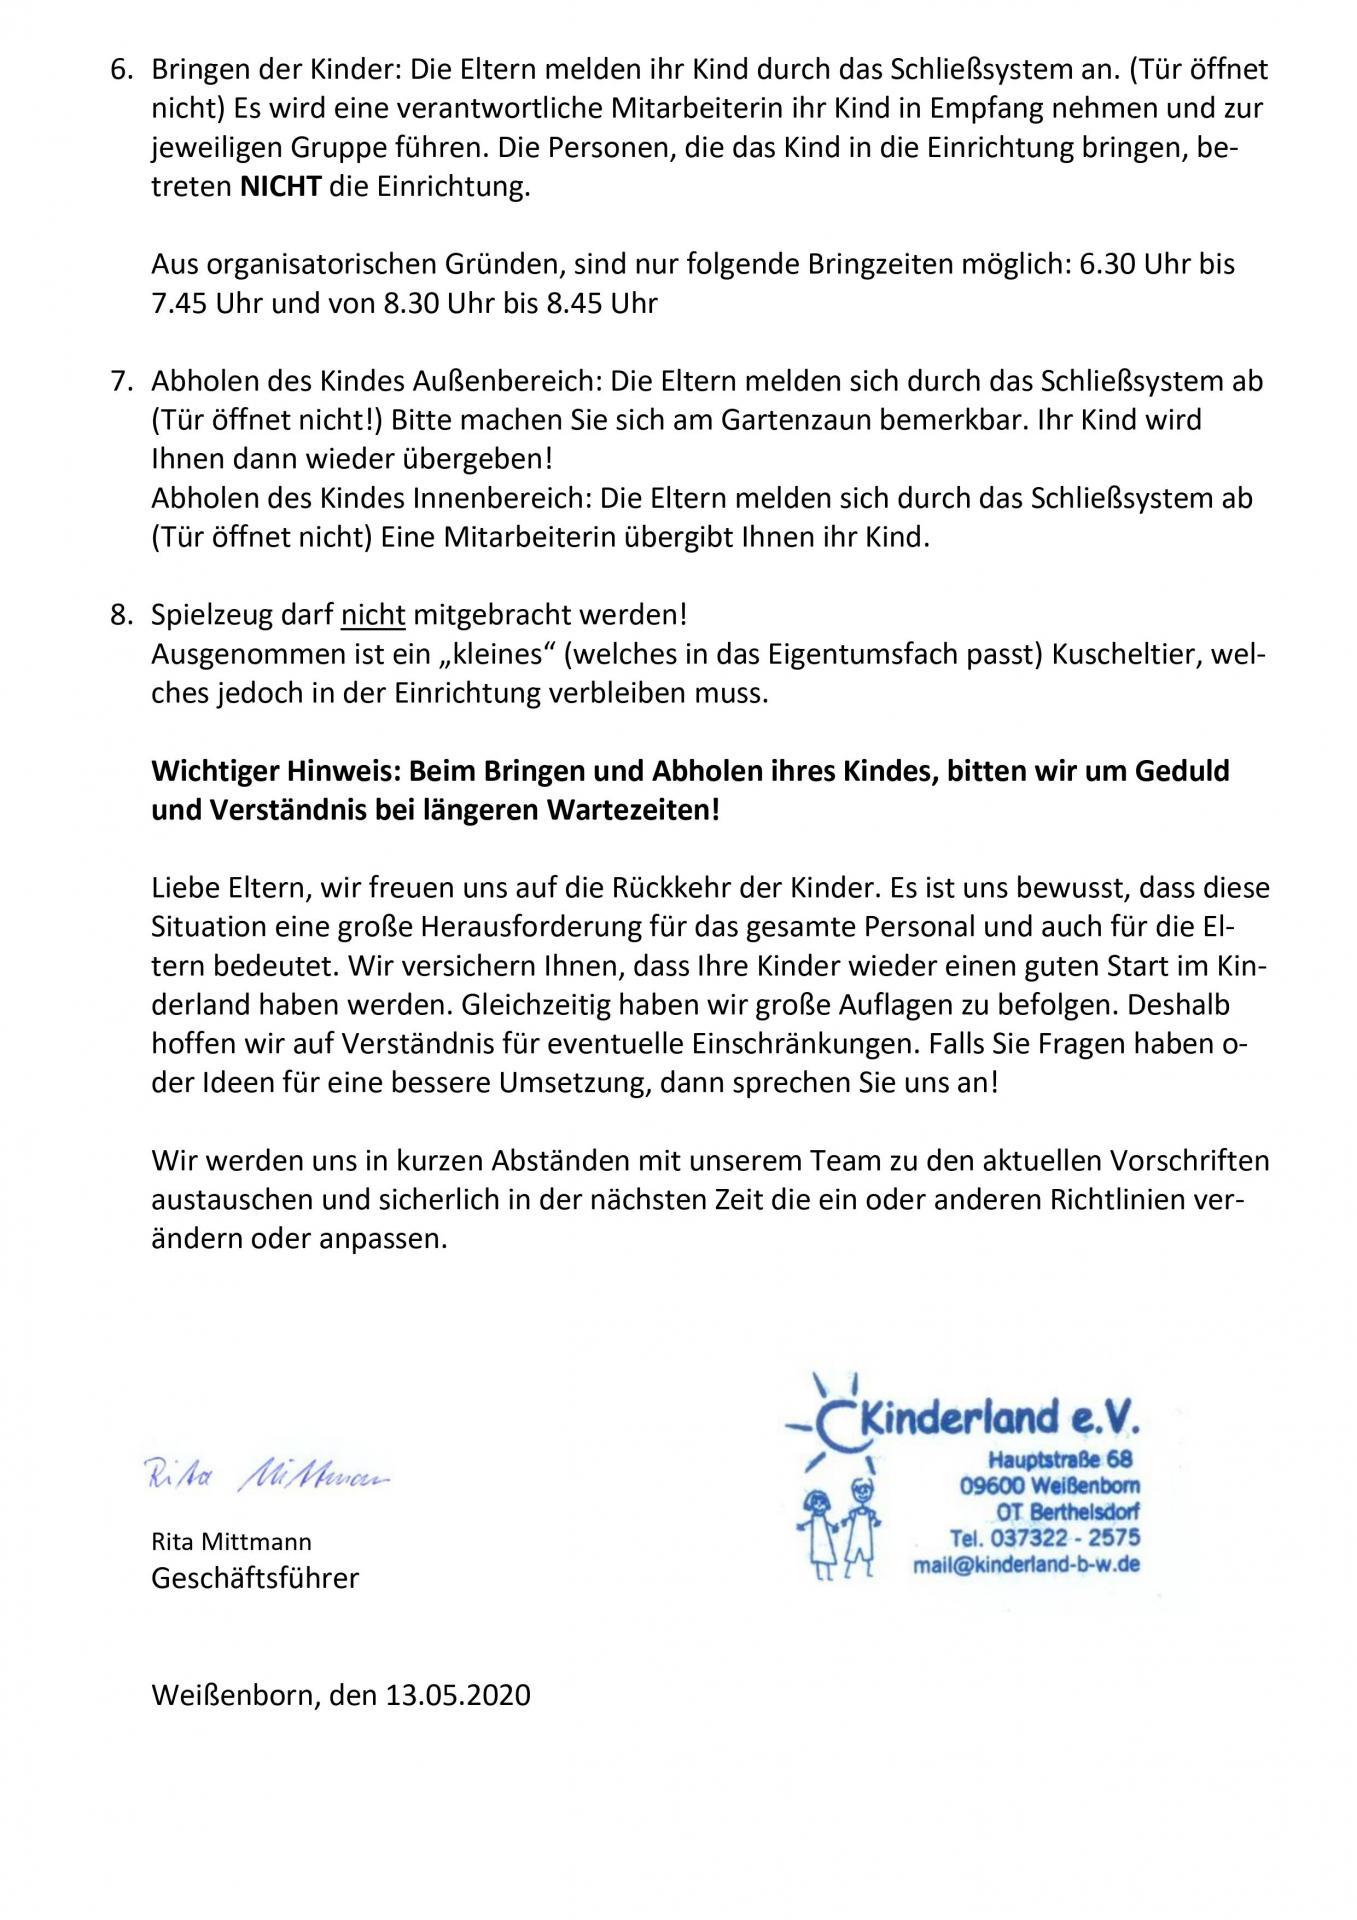 Weißenborn 2